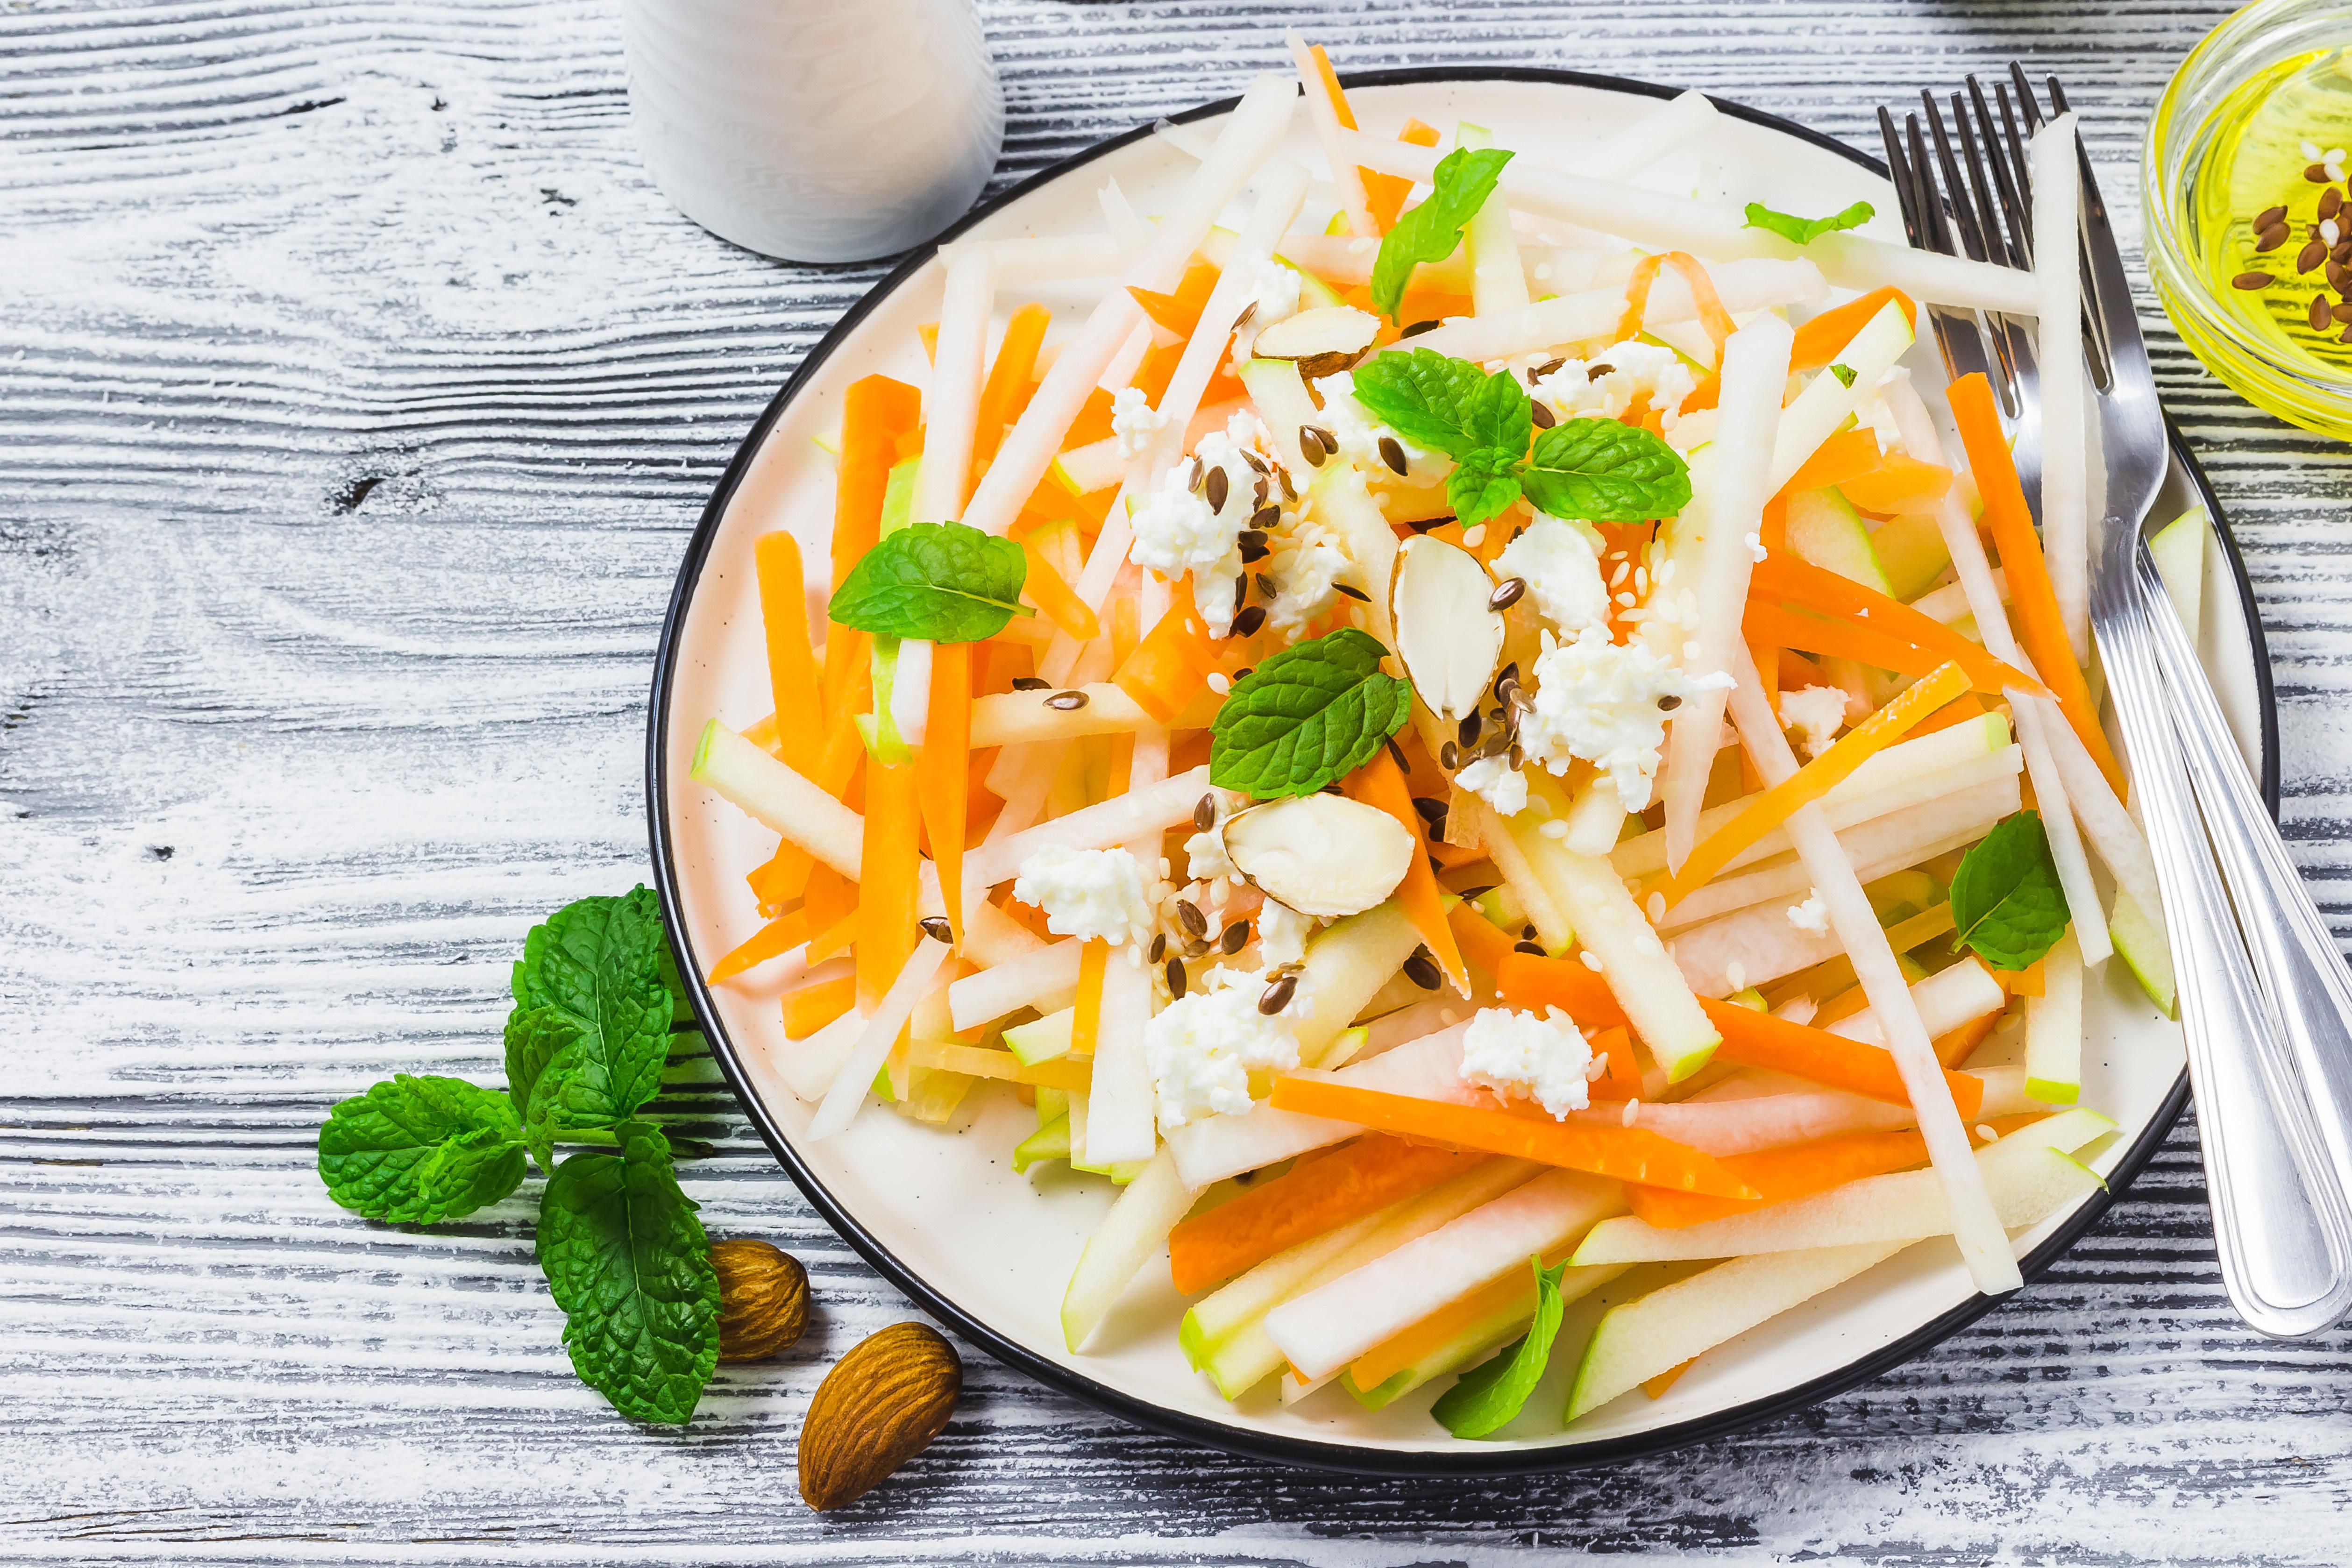 Asian Slaw Salad with Sesame Vinaigrette